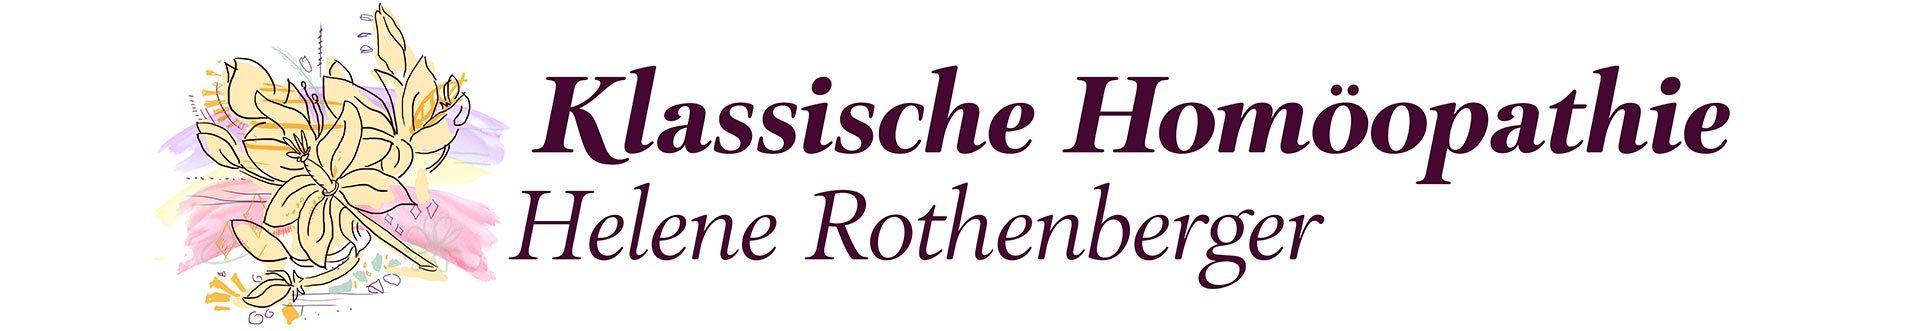 Praxis für klassische Homöopathie H. Rothenberger